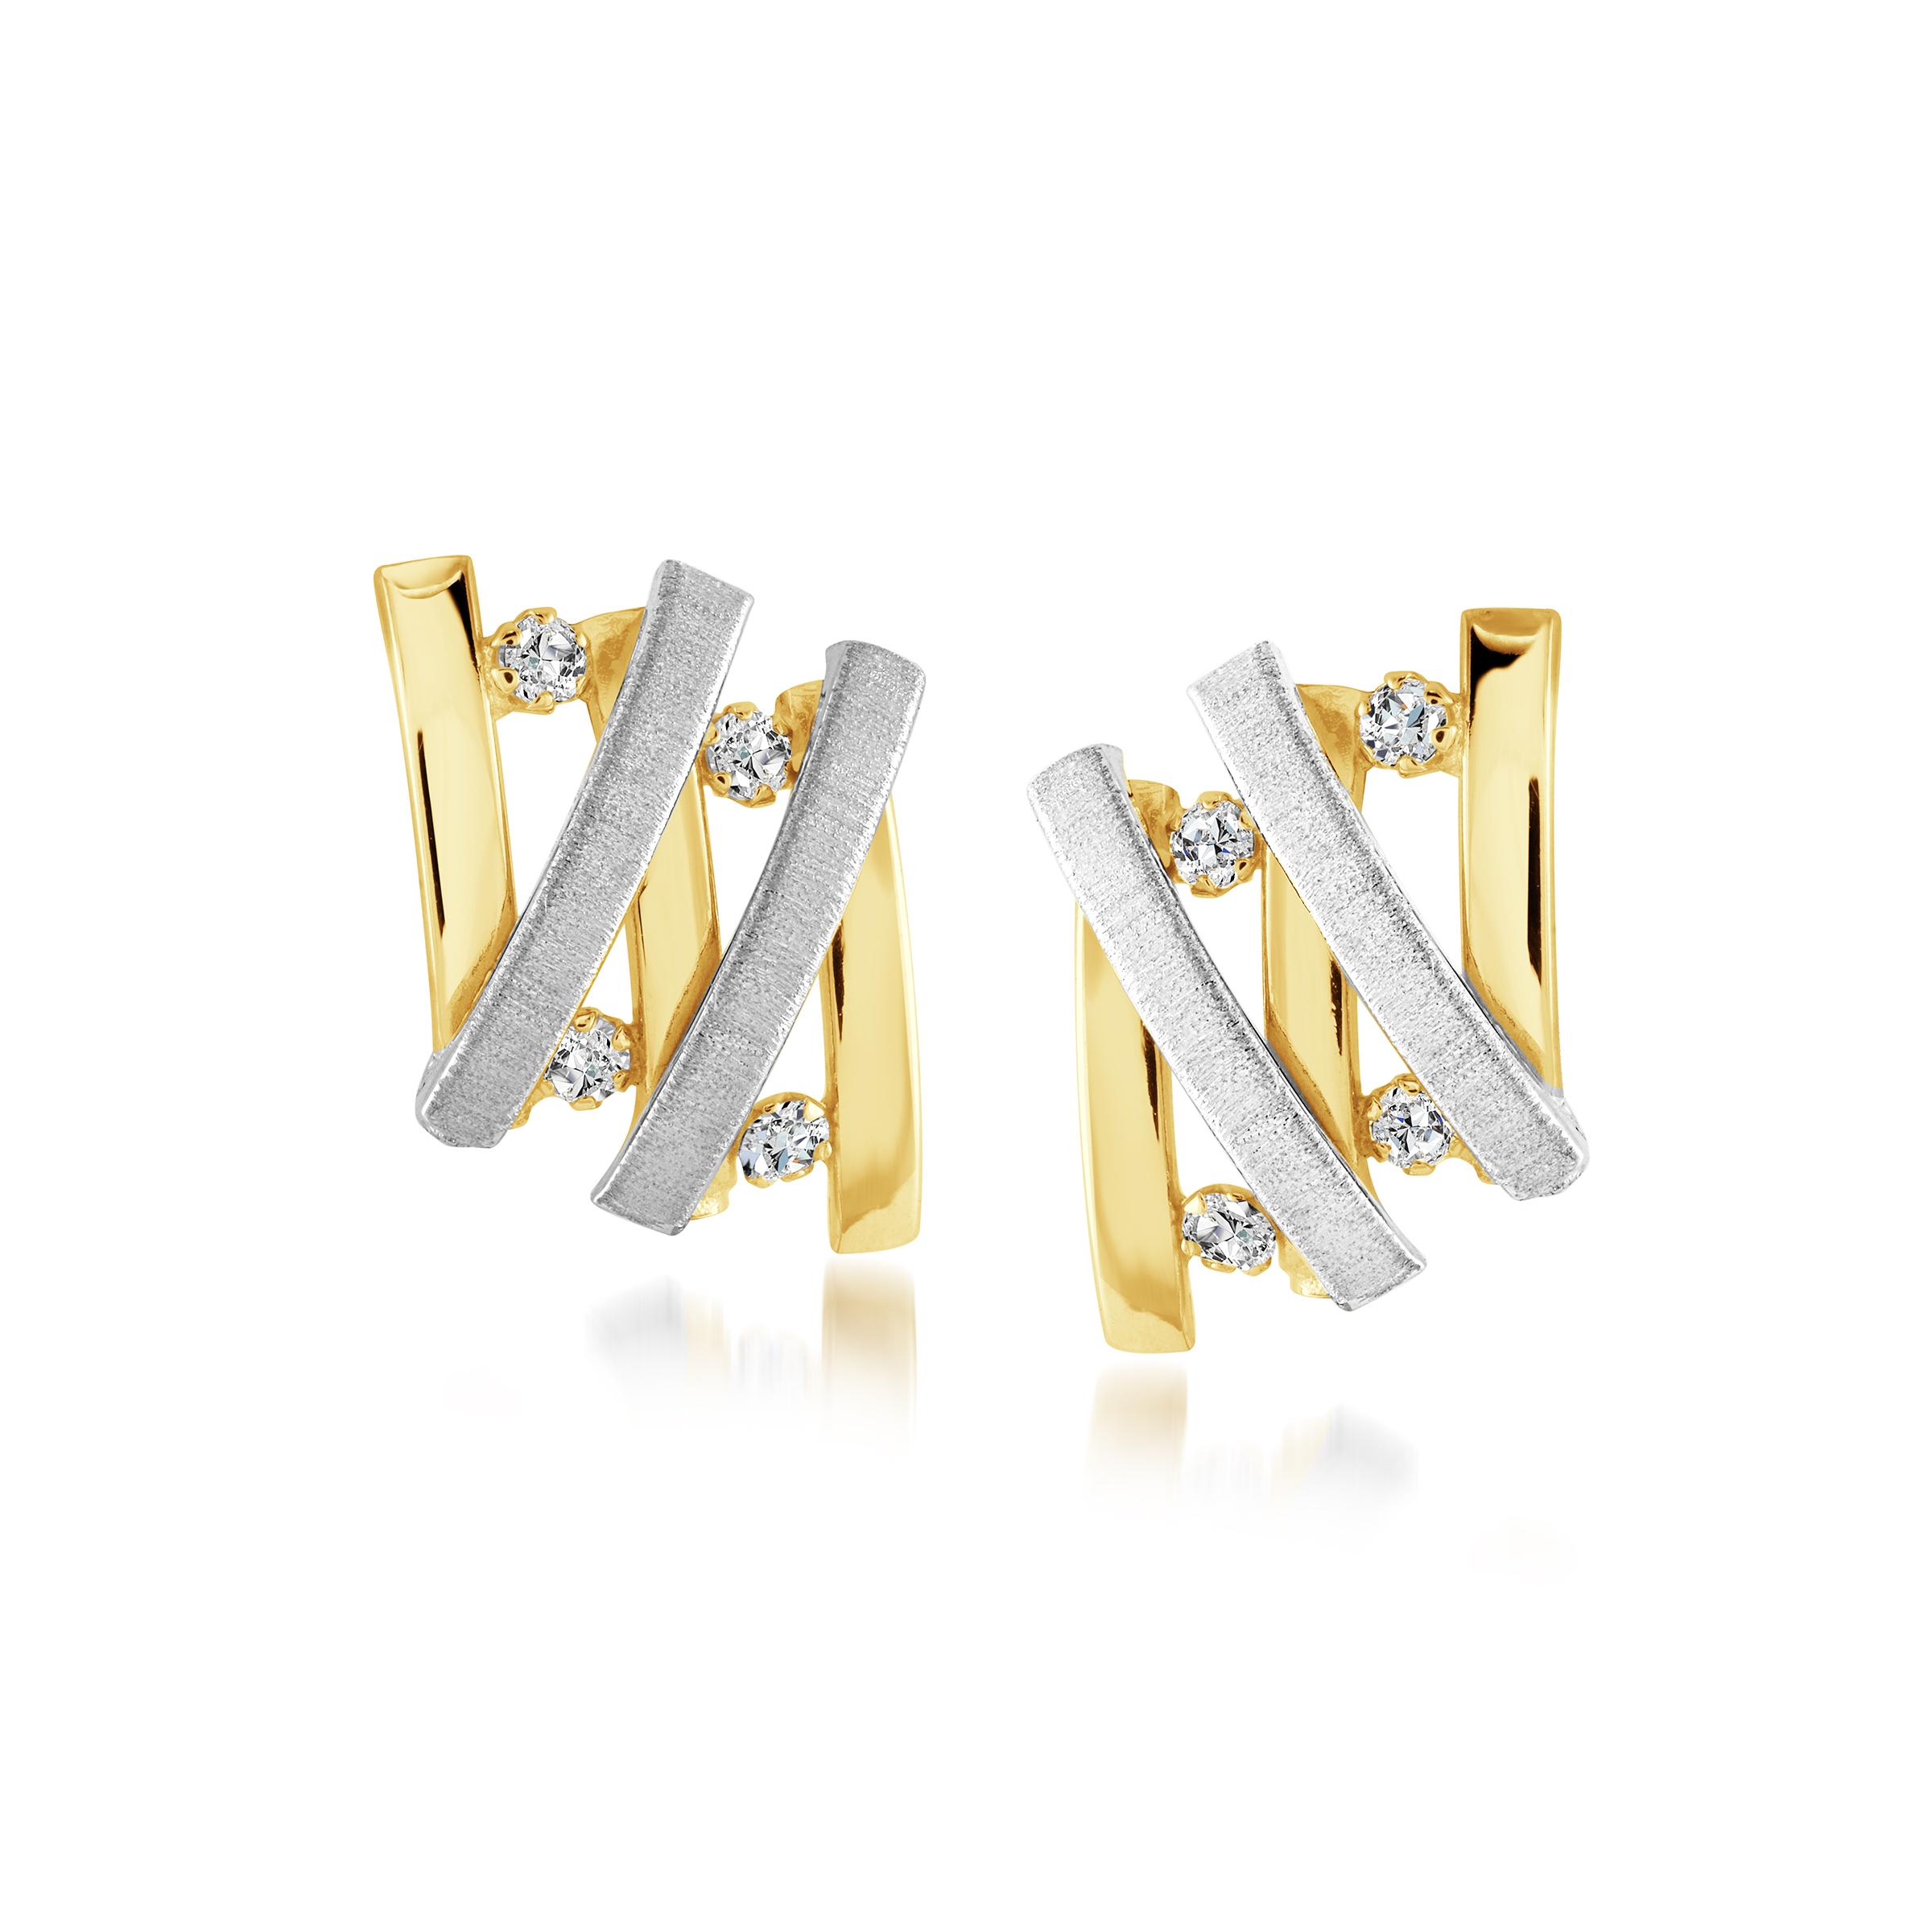 Stud earrings for women - 10K 2-tone Gold & cubic zirconia